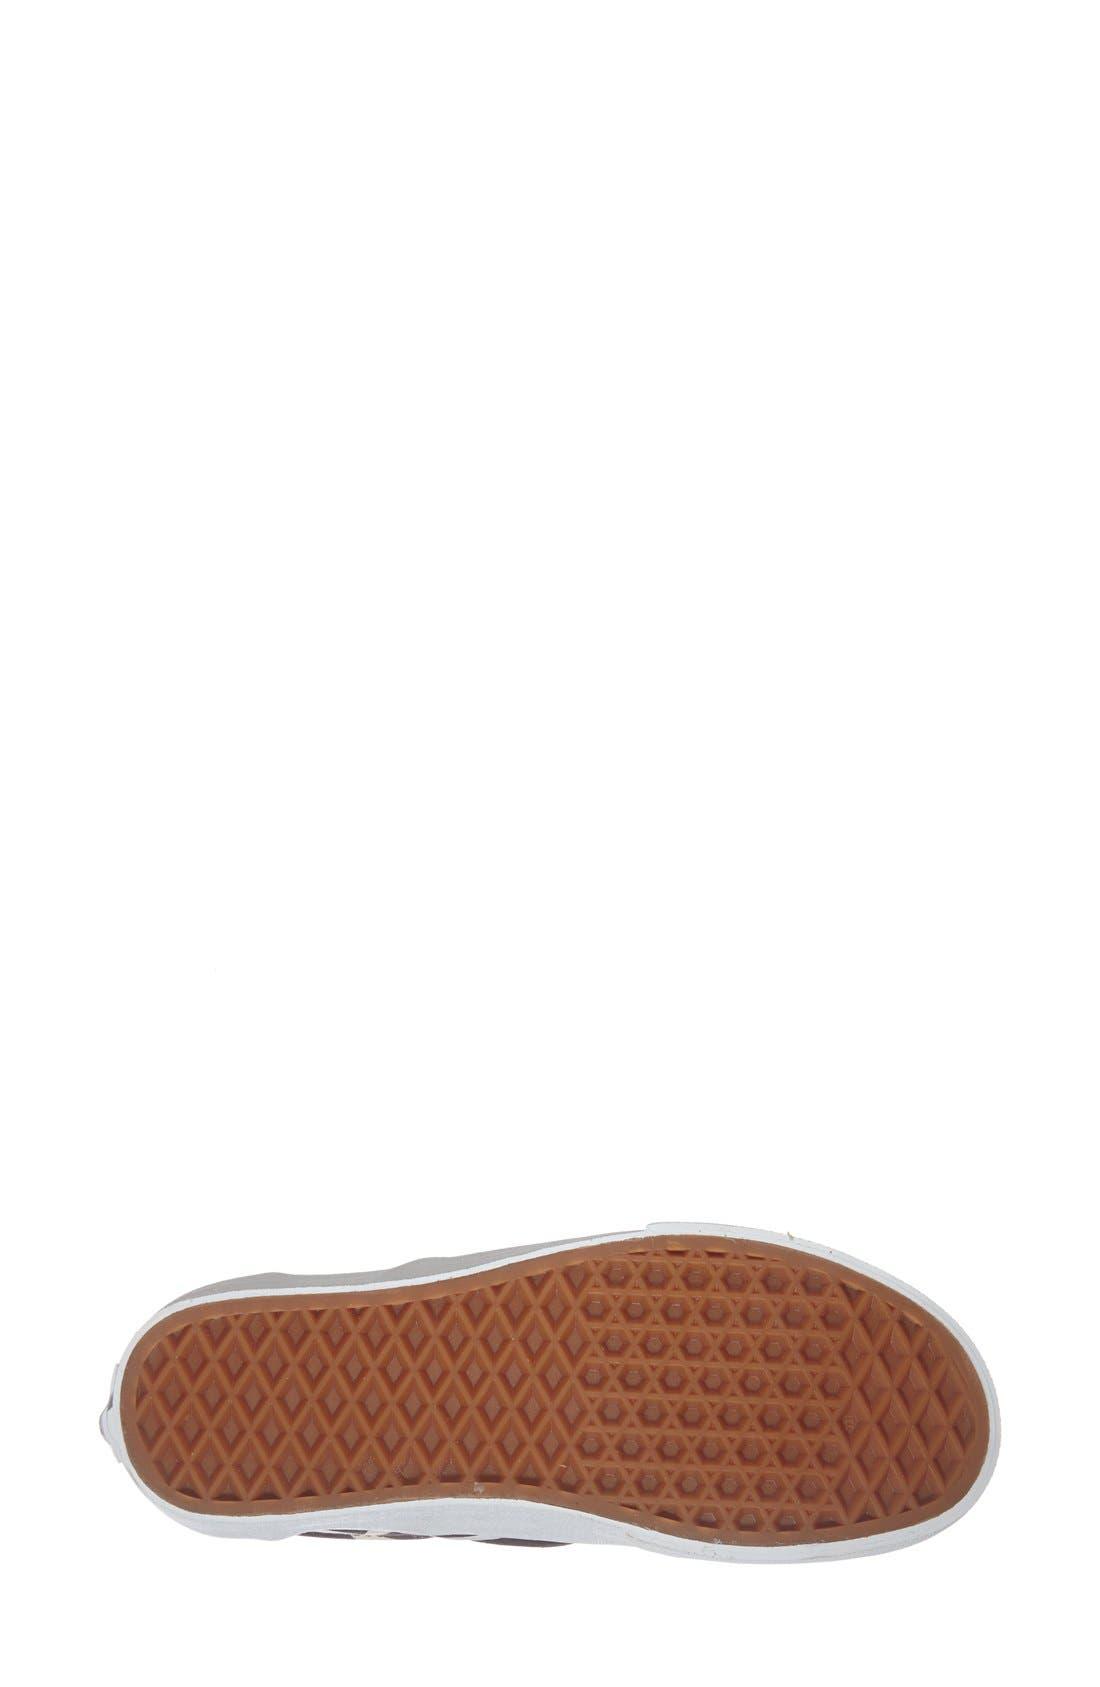 Alternate Image 4  - Vans 'Van Doren - Classic' Slip-On Sneaker (Women)